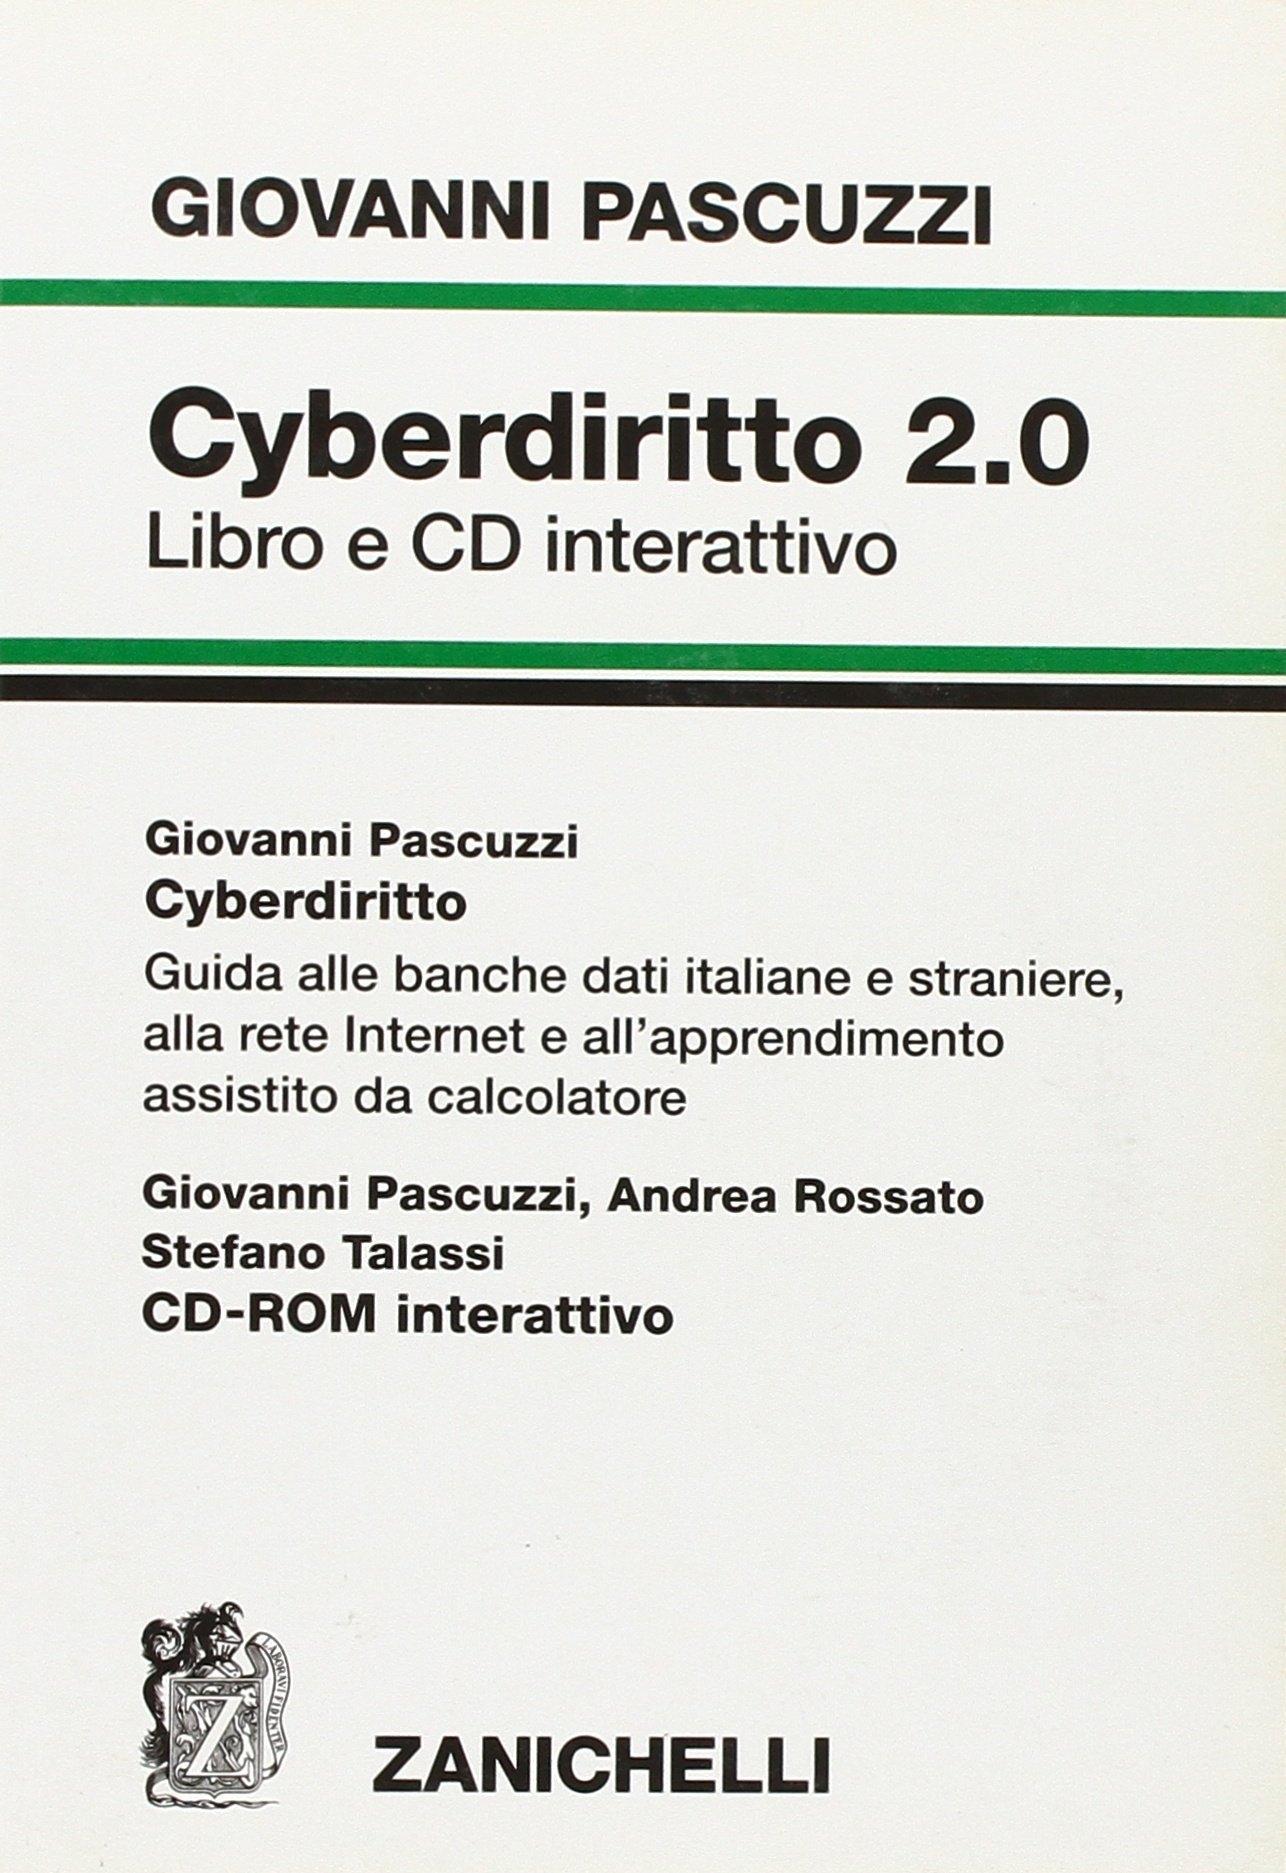 Cyberdiritto 2.0. Guida alle banche dati italiane e straniere, alla rete internet e all'apprendimento assistito del calcolatore. Con CD-ROM.